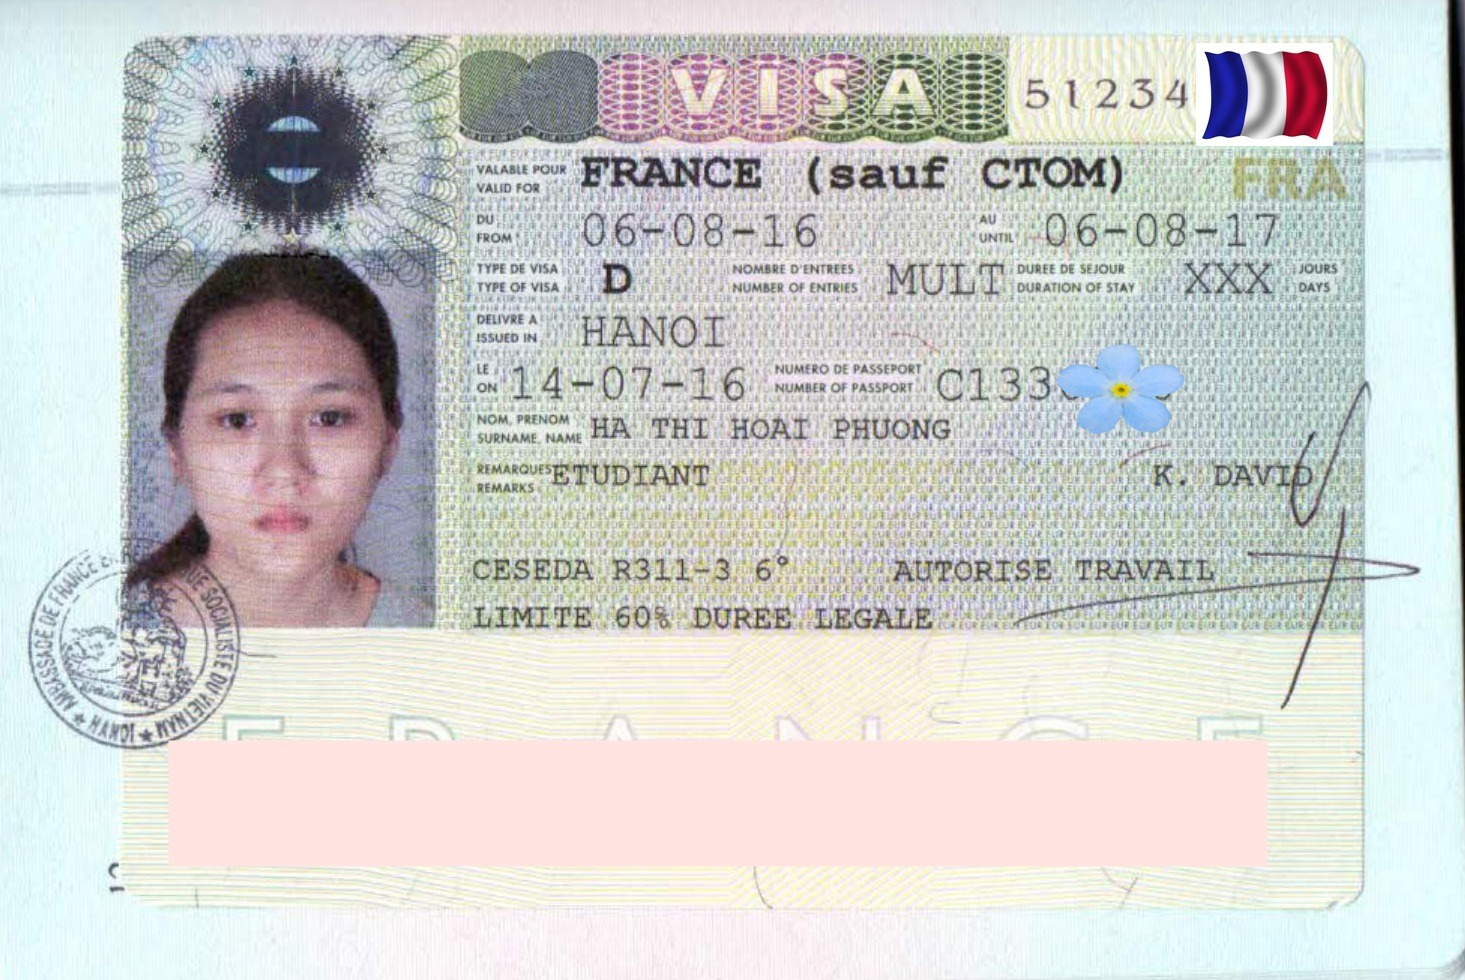 Chúc mừng bạn Hà Thị Hoài Phương nhận được visa Du học Pháp